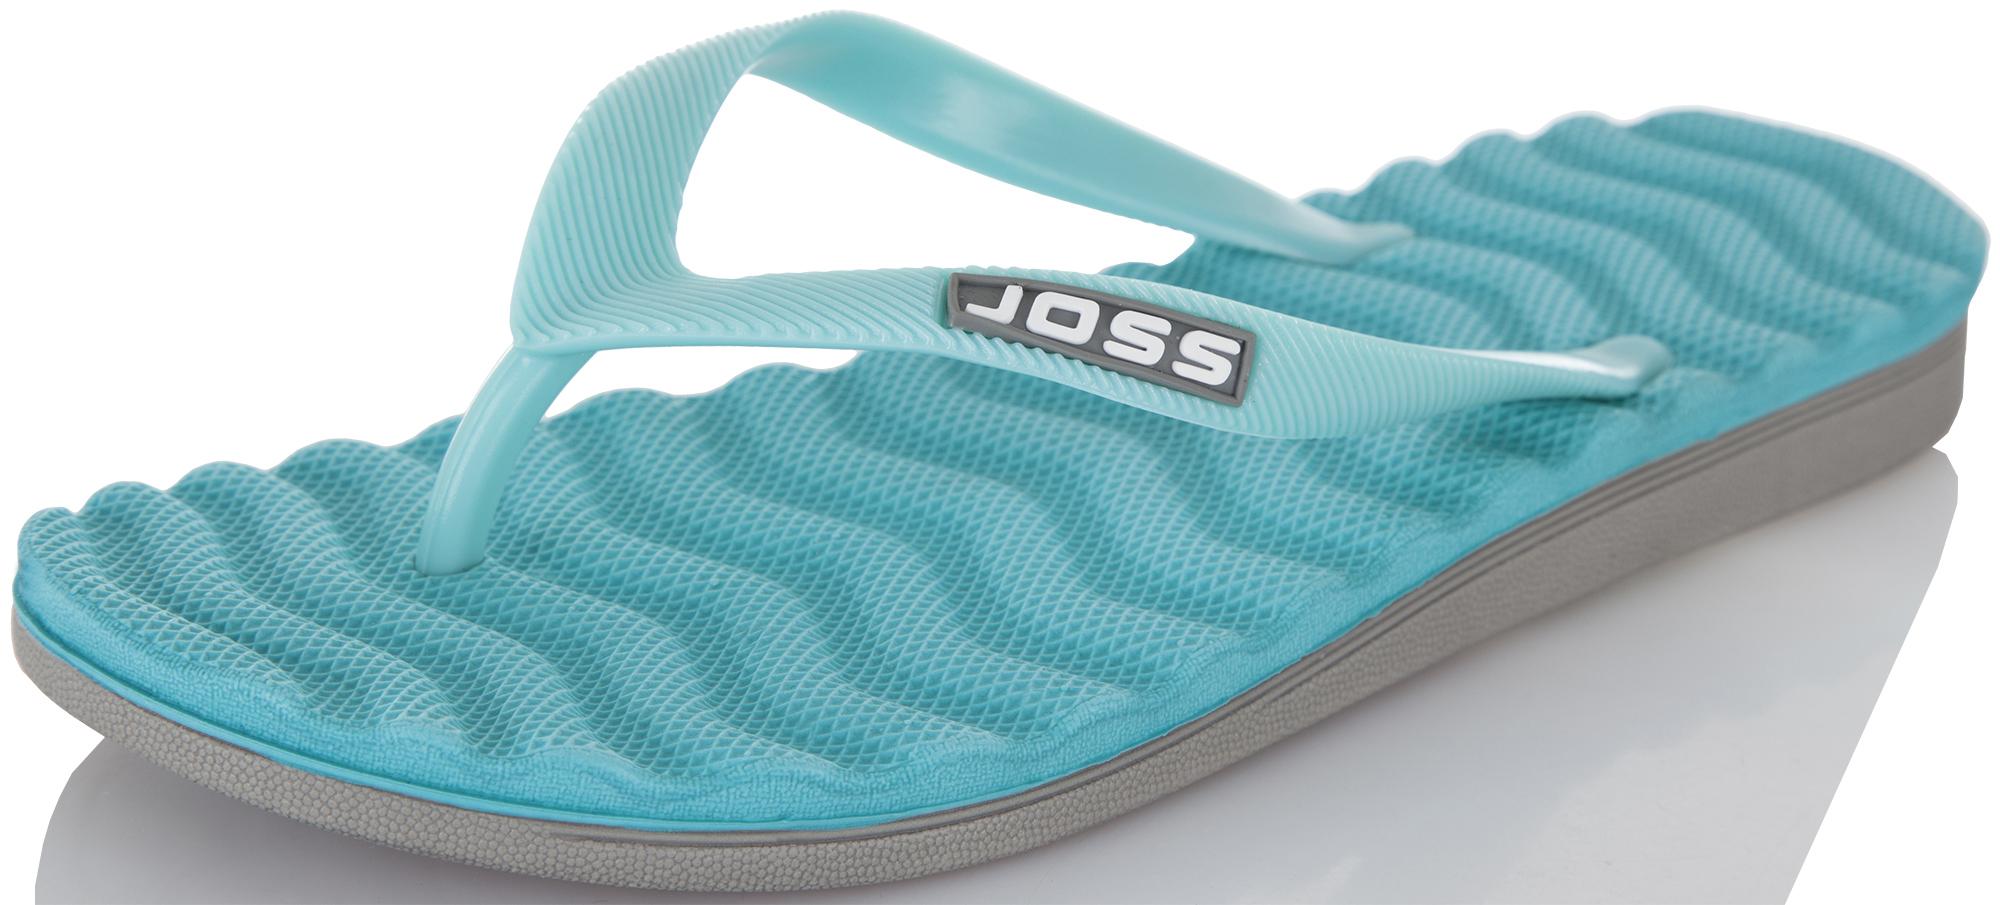 Joss Шлепанцы женские Joss Airlight, размер 36 цены онлайн